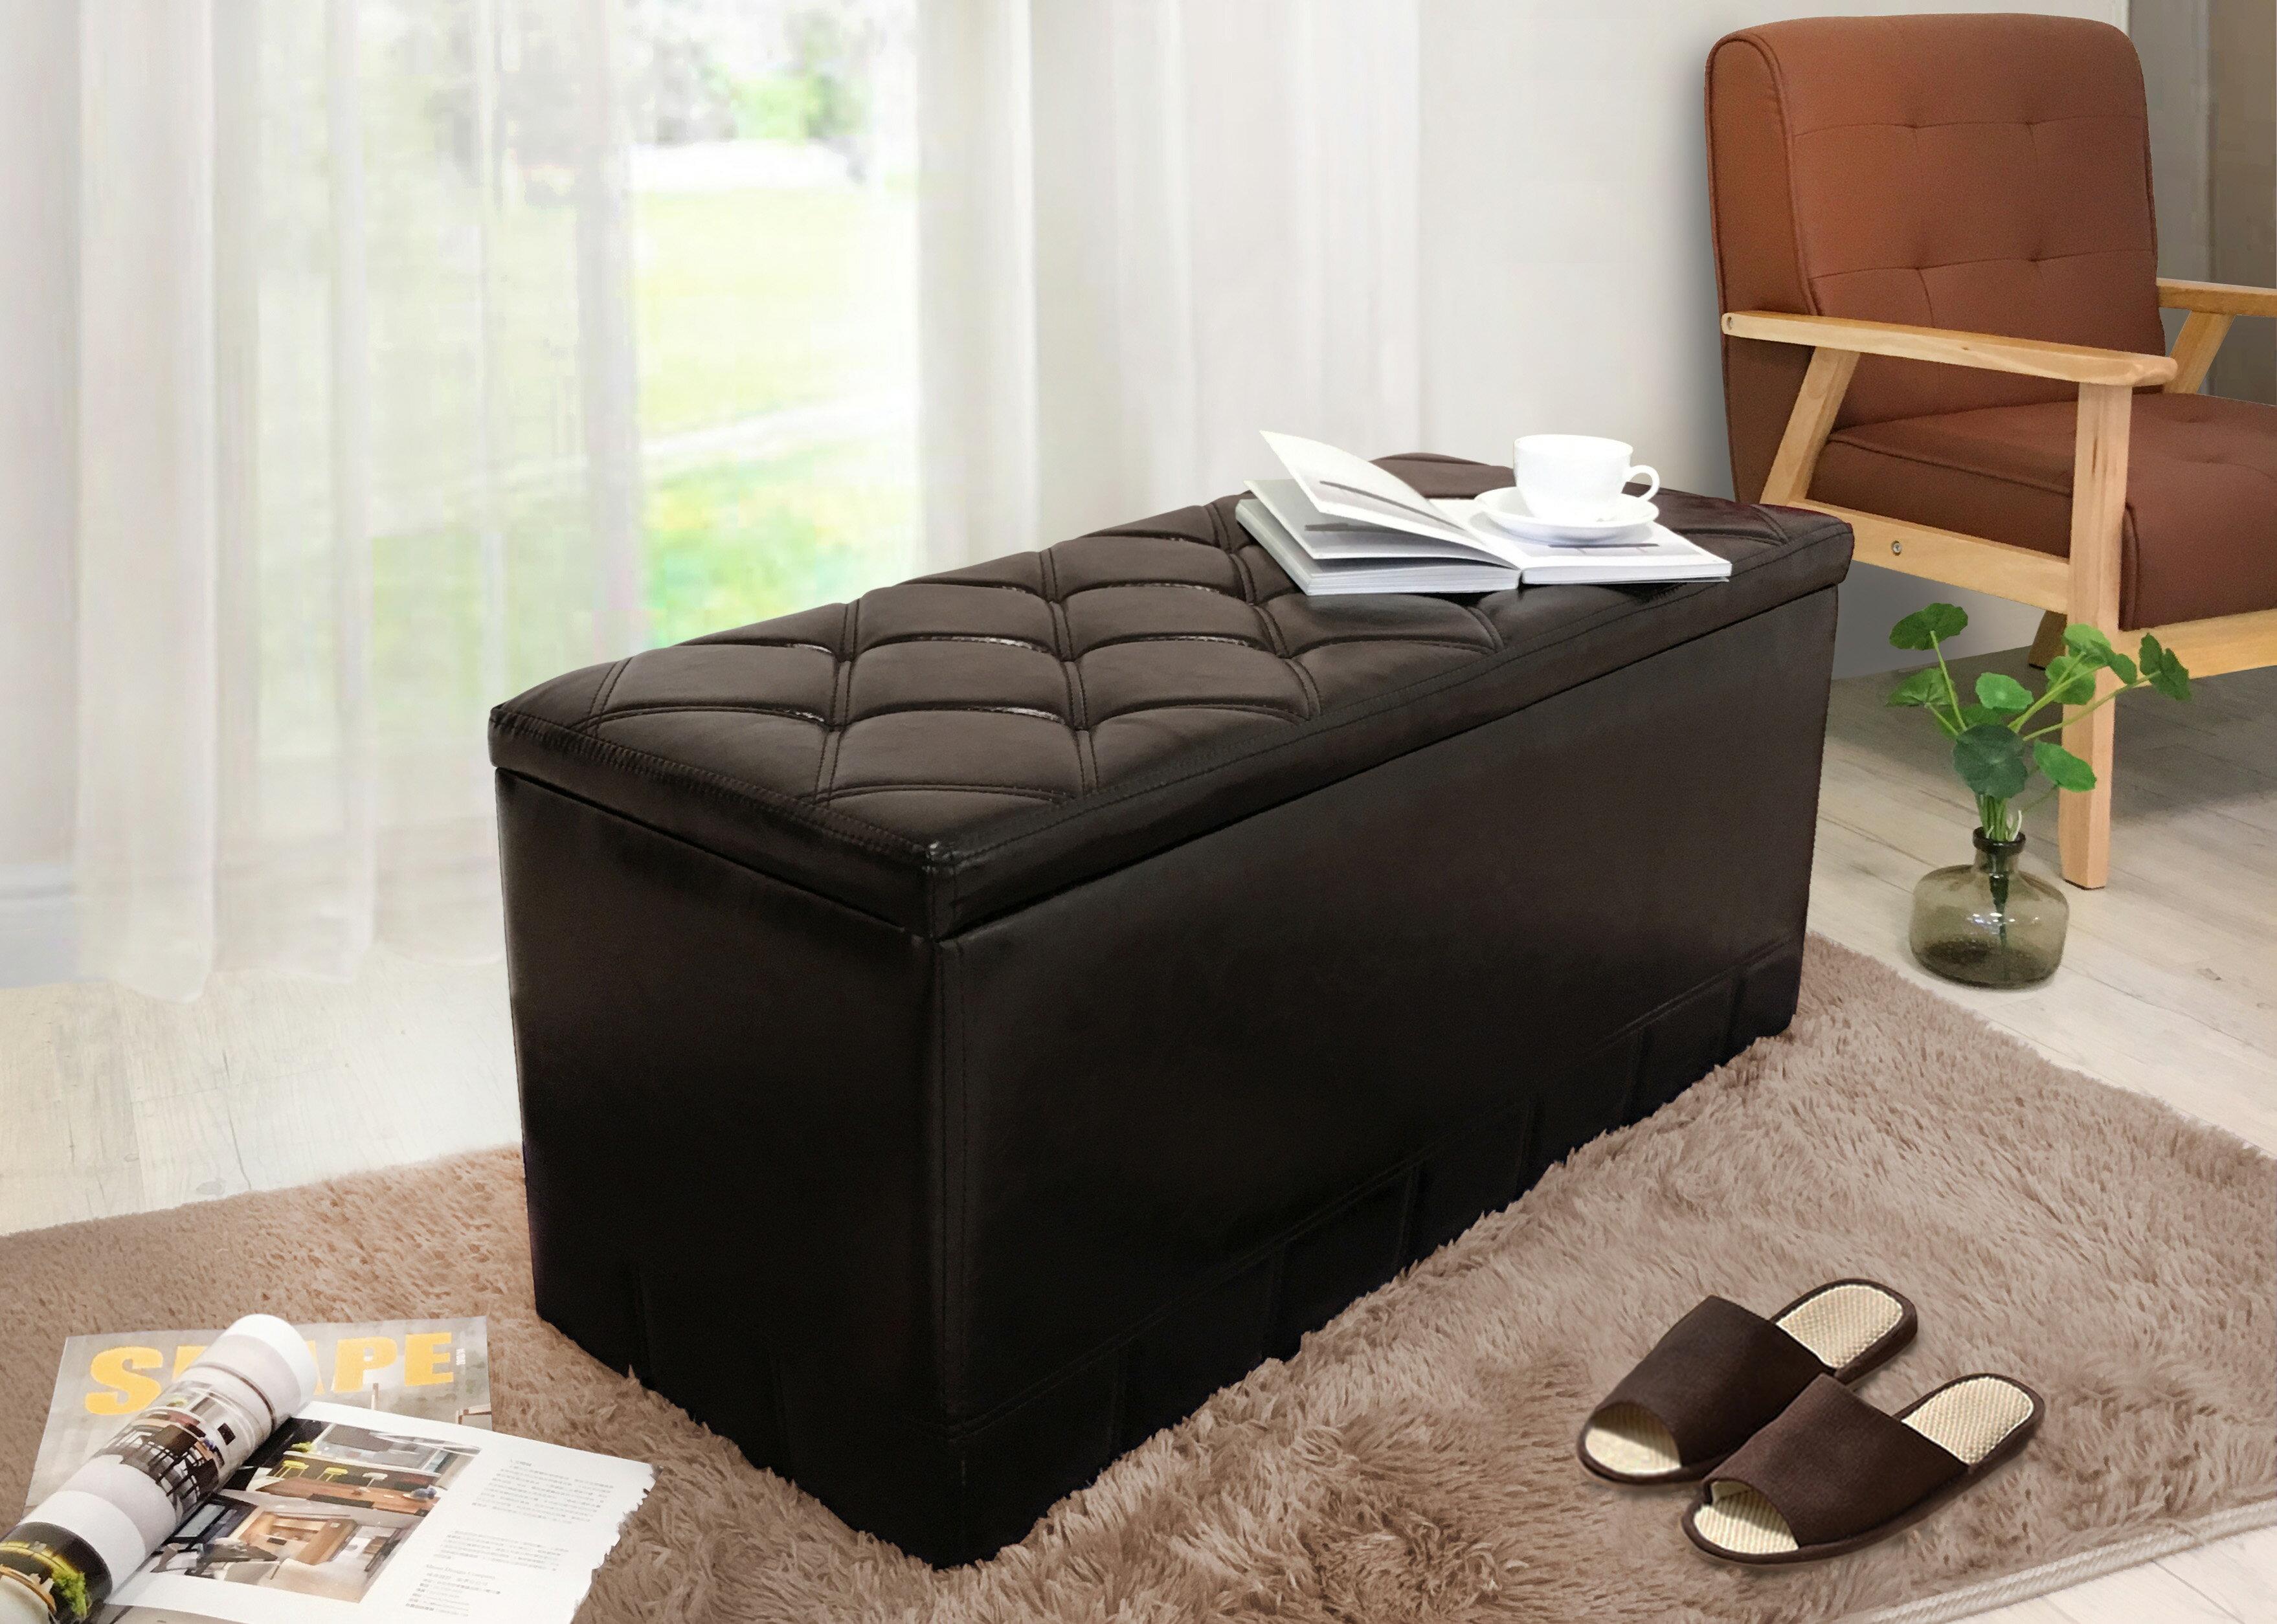 【新生活家具】深咖 現代 簡約 復古 收納箱 穿鞋凳 腳椅 玄關凳 休閒椅 4色可選《菲爾》 非 H&D ikea 宜家